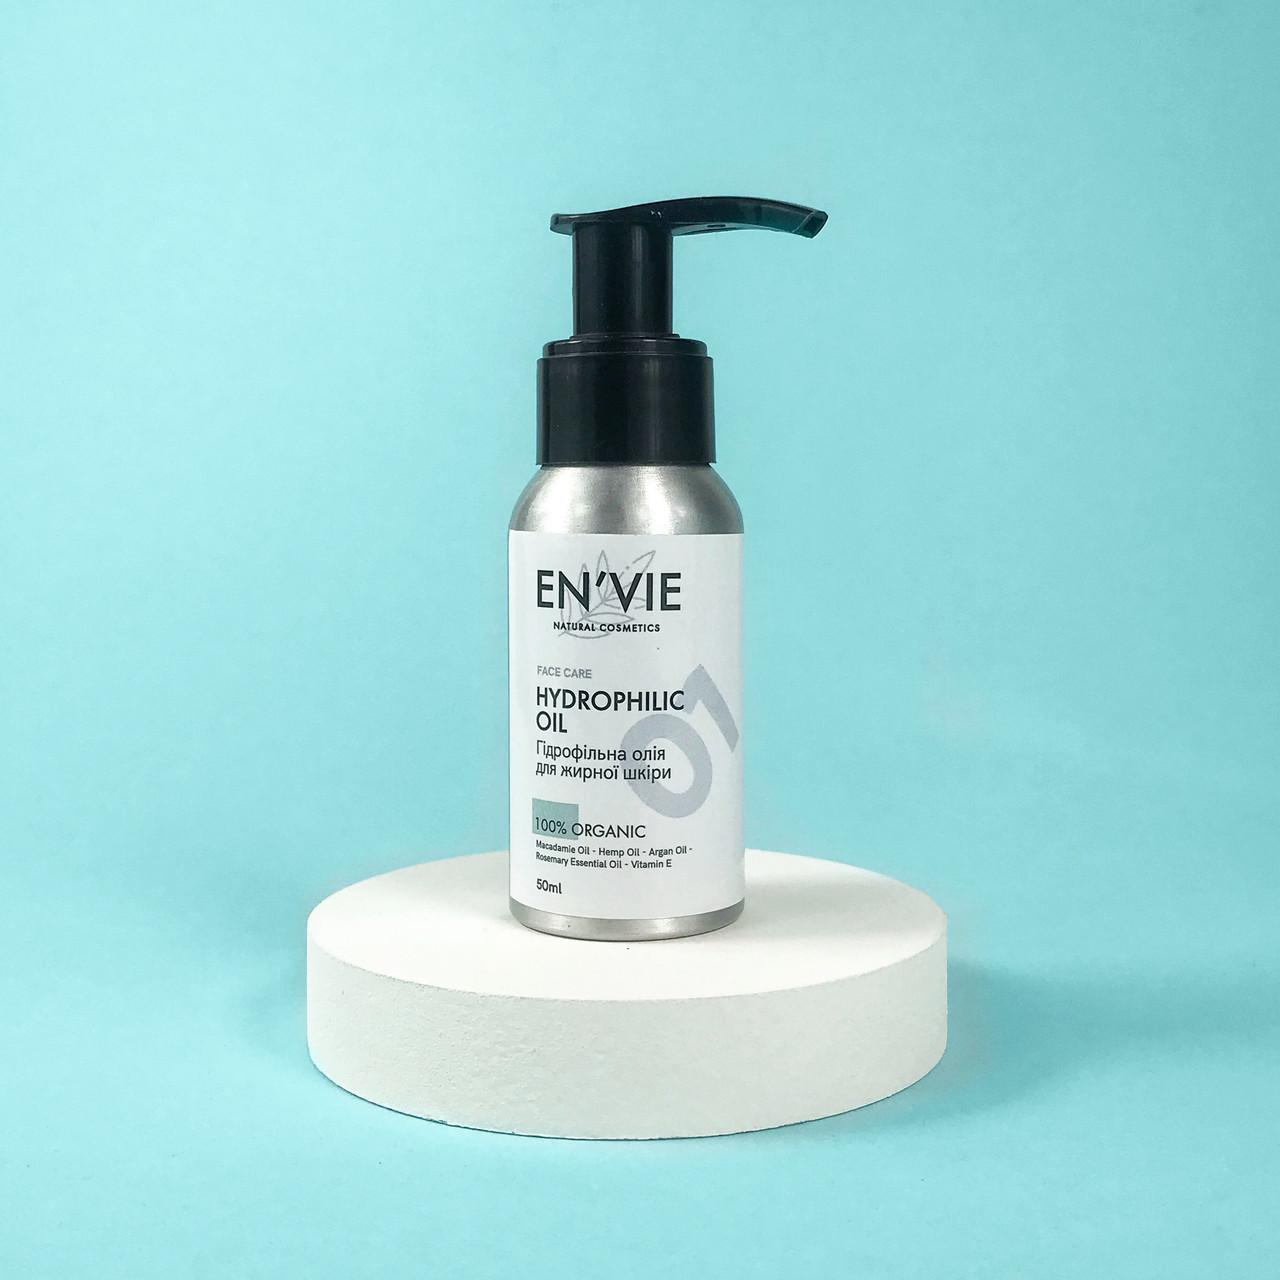 Гидрофильное масло для жирного типа кожи (умывание лица, удаление макияжа) EN`VIE 50 мл.